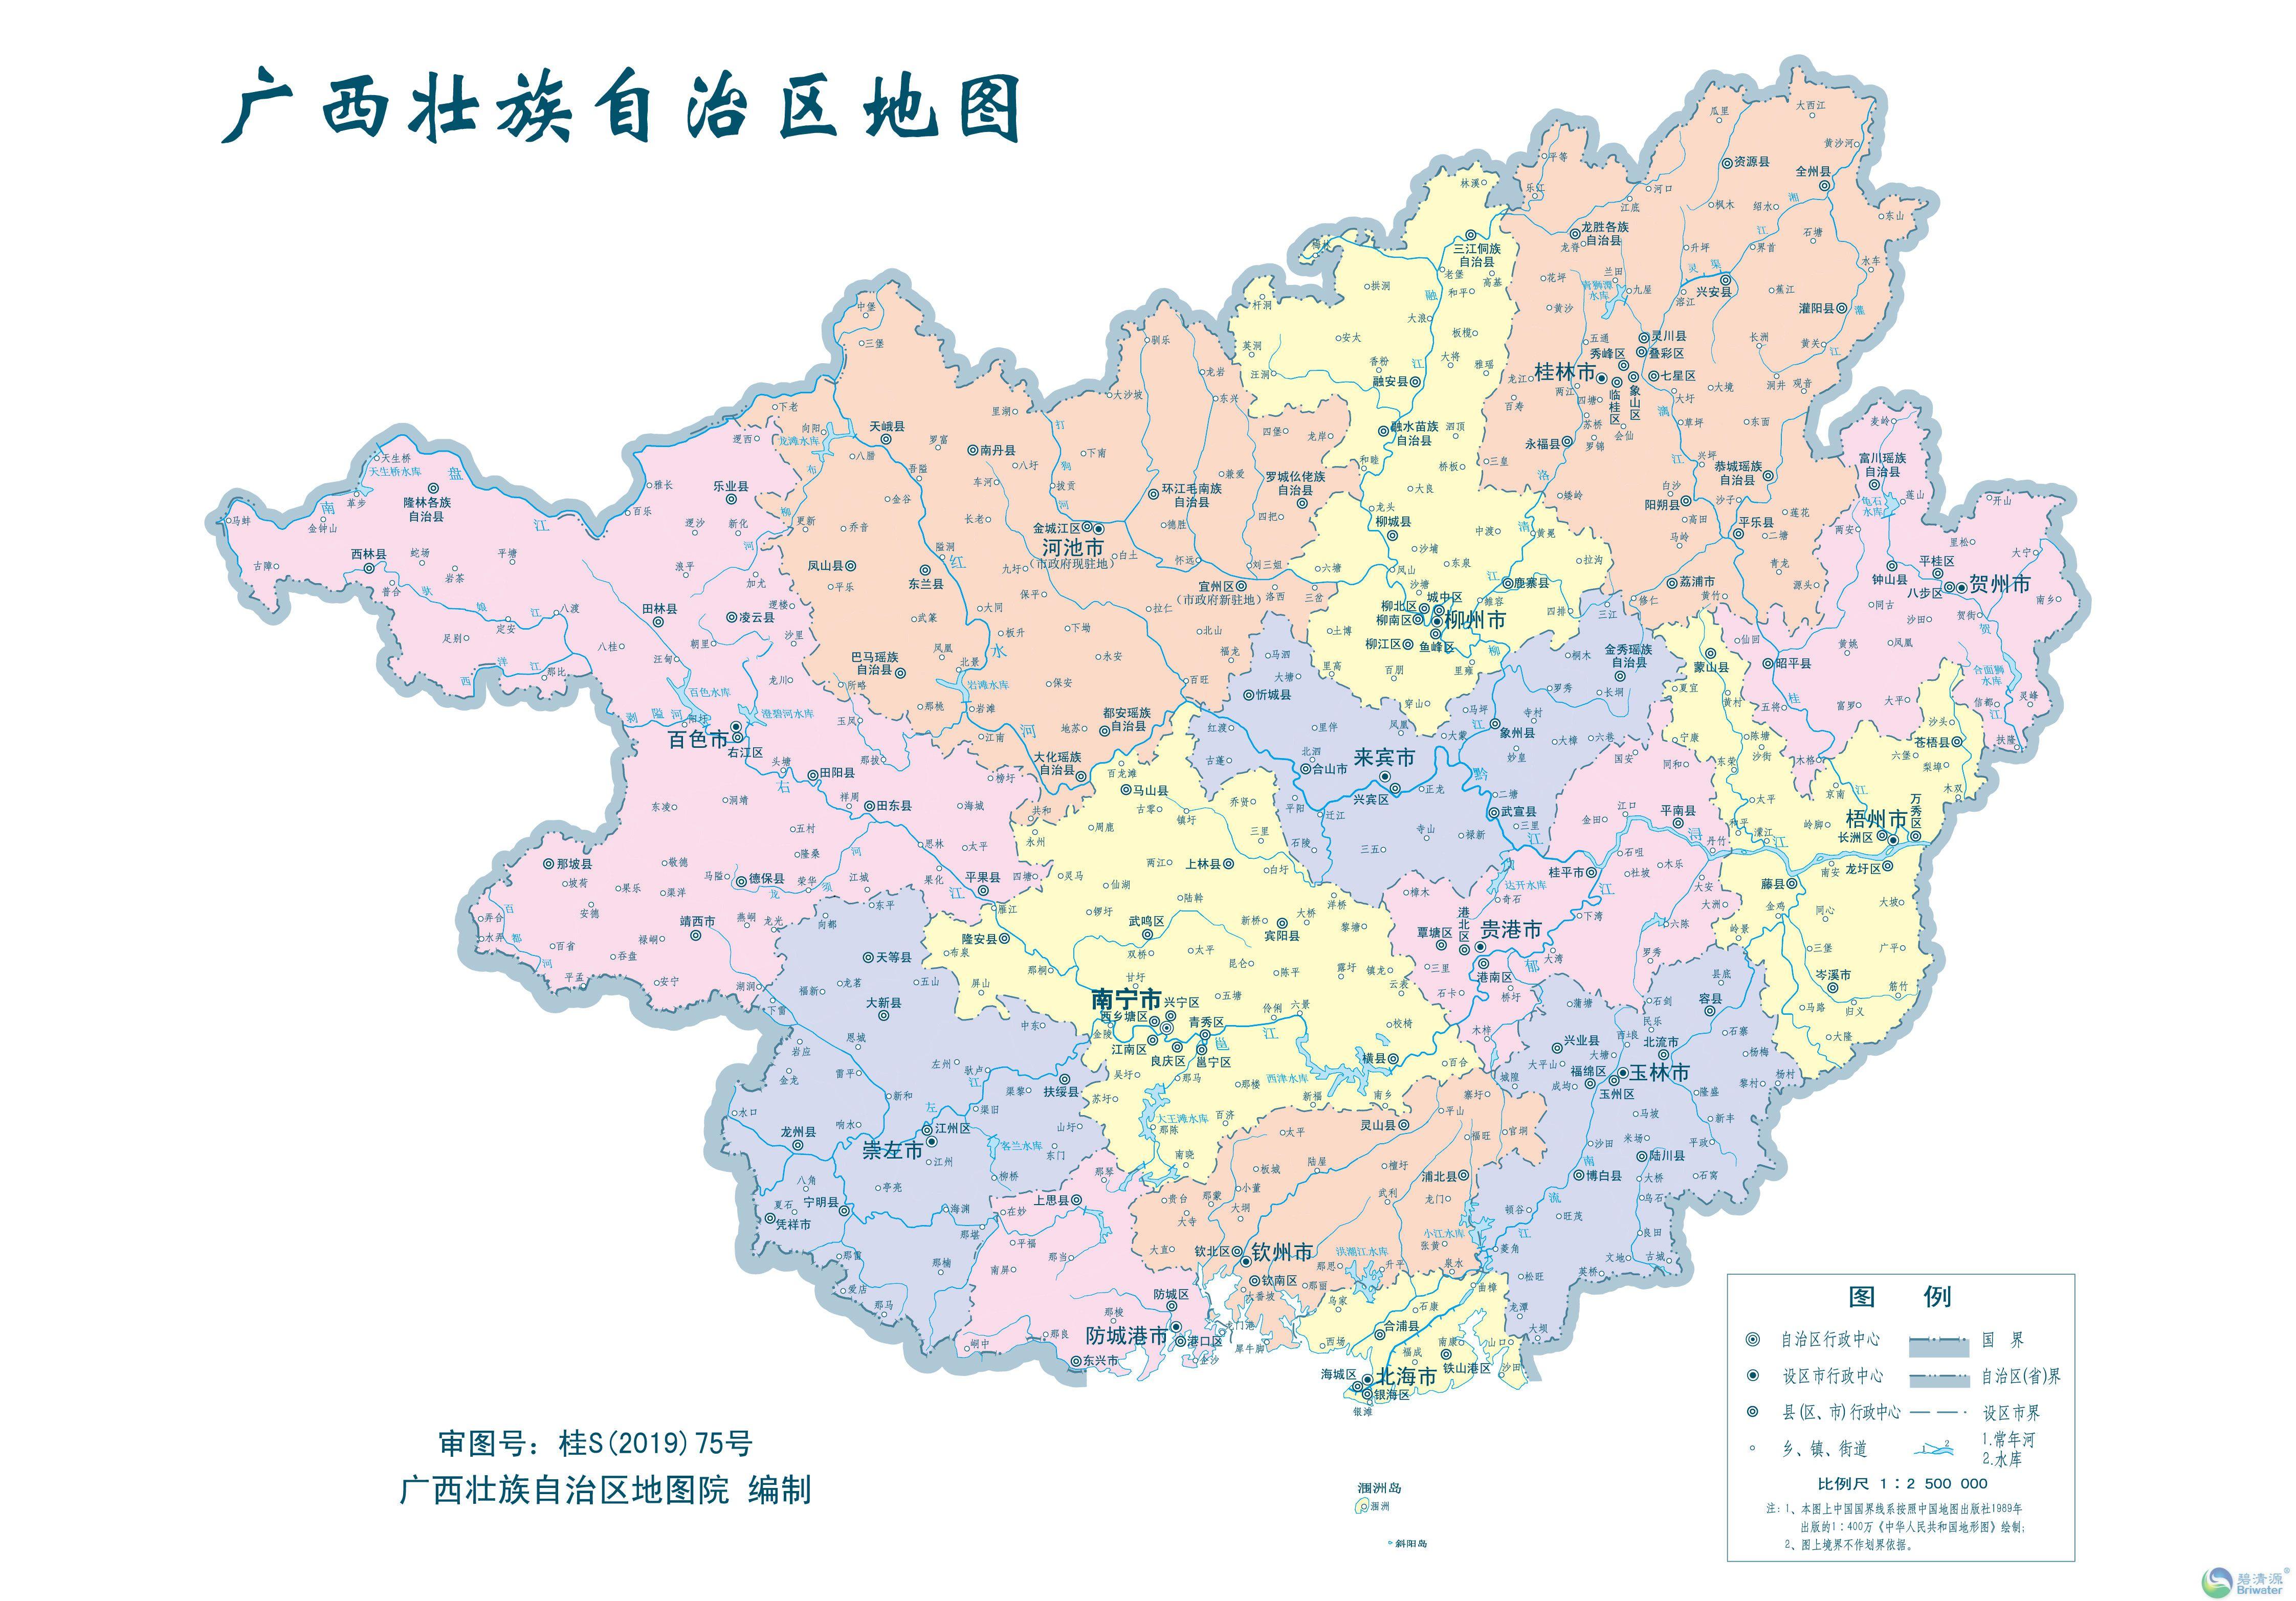 广西1-8月水质优良率100% 柳州桂林河池来宾梧州5市进入全国前10名(图1)